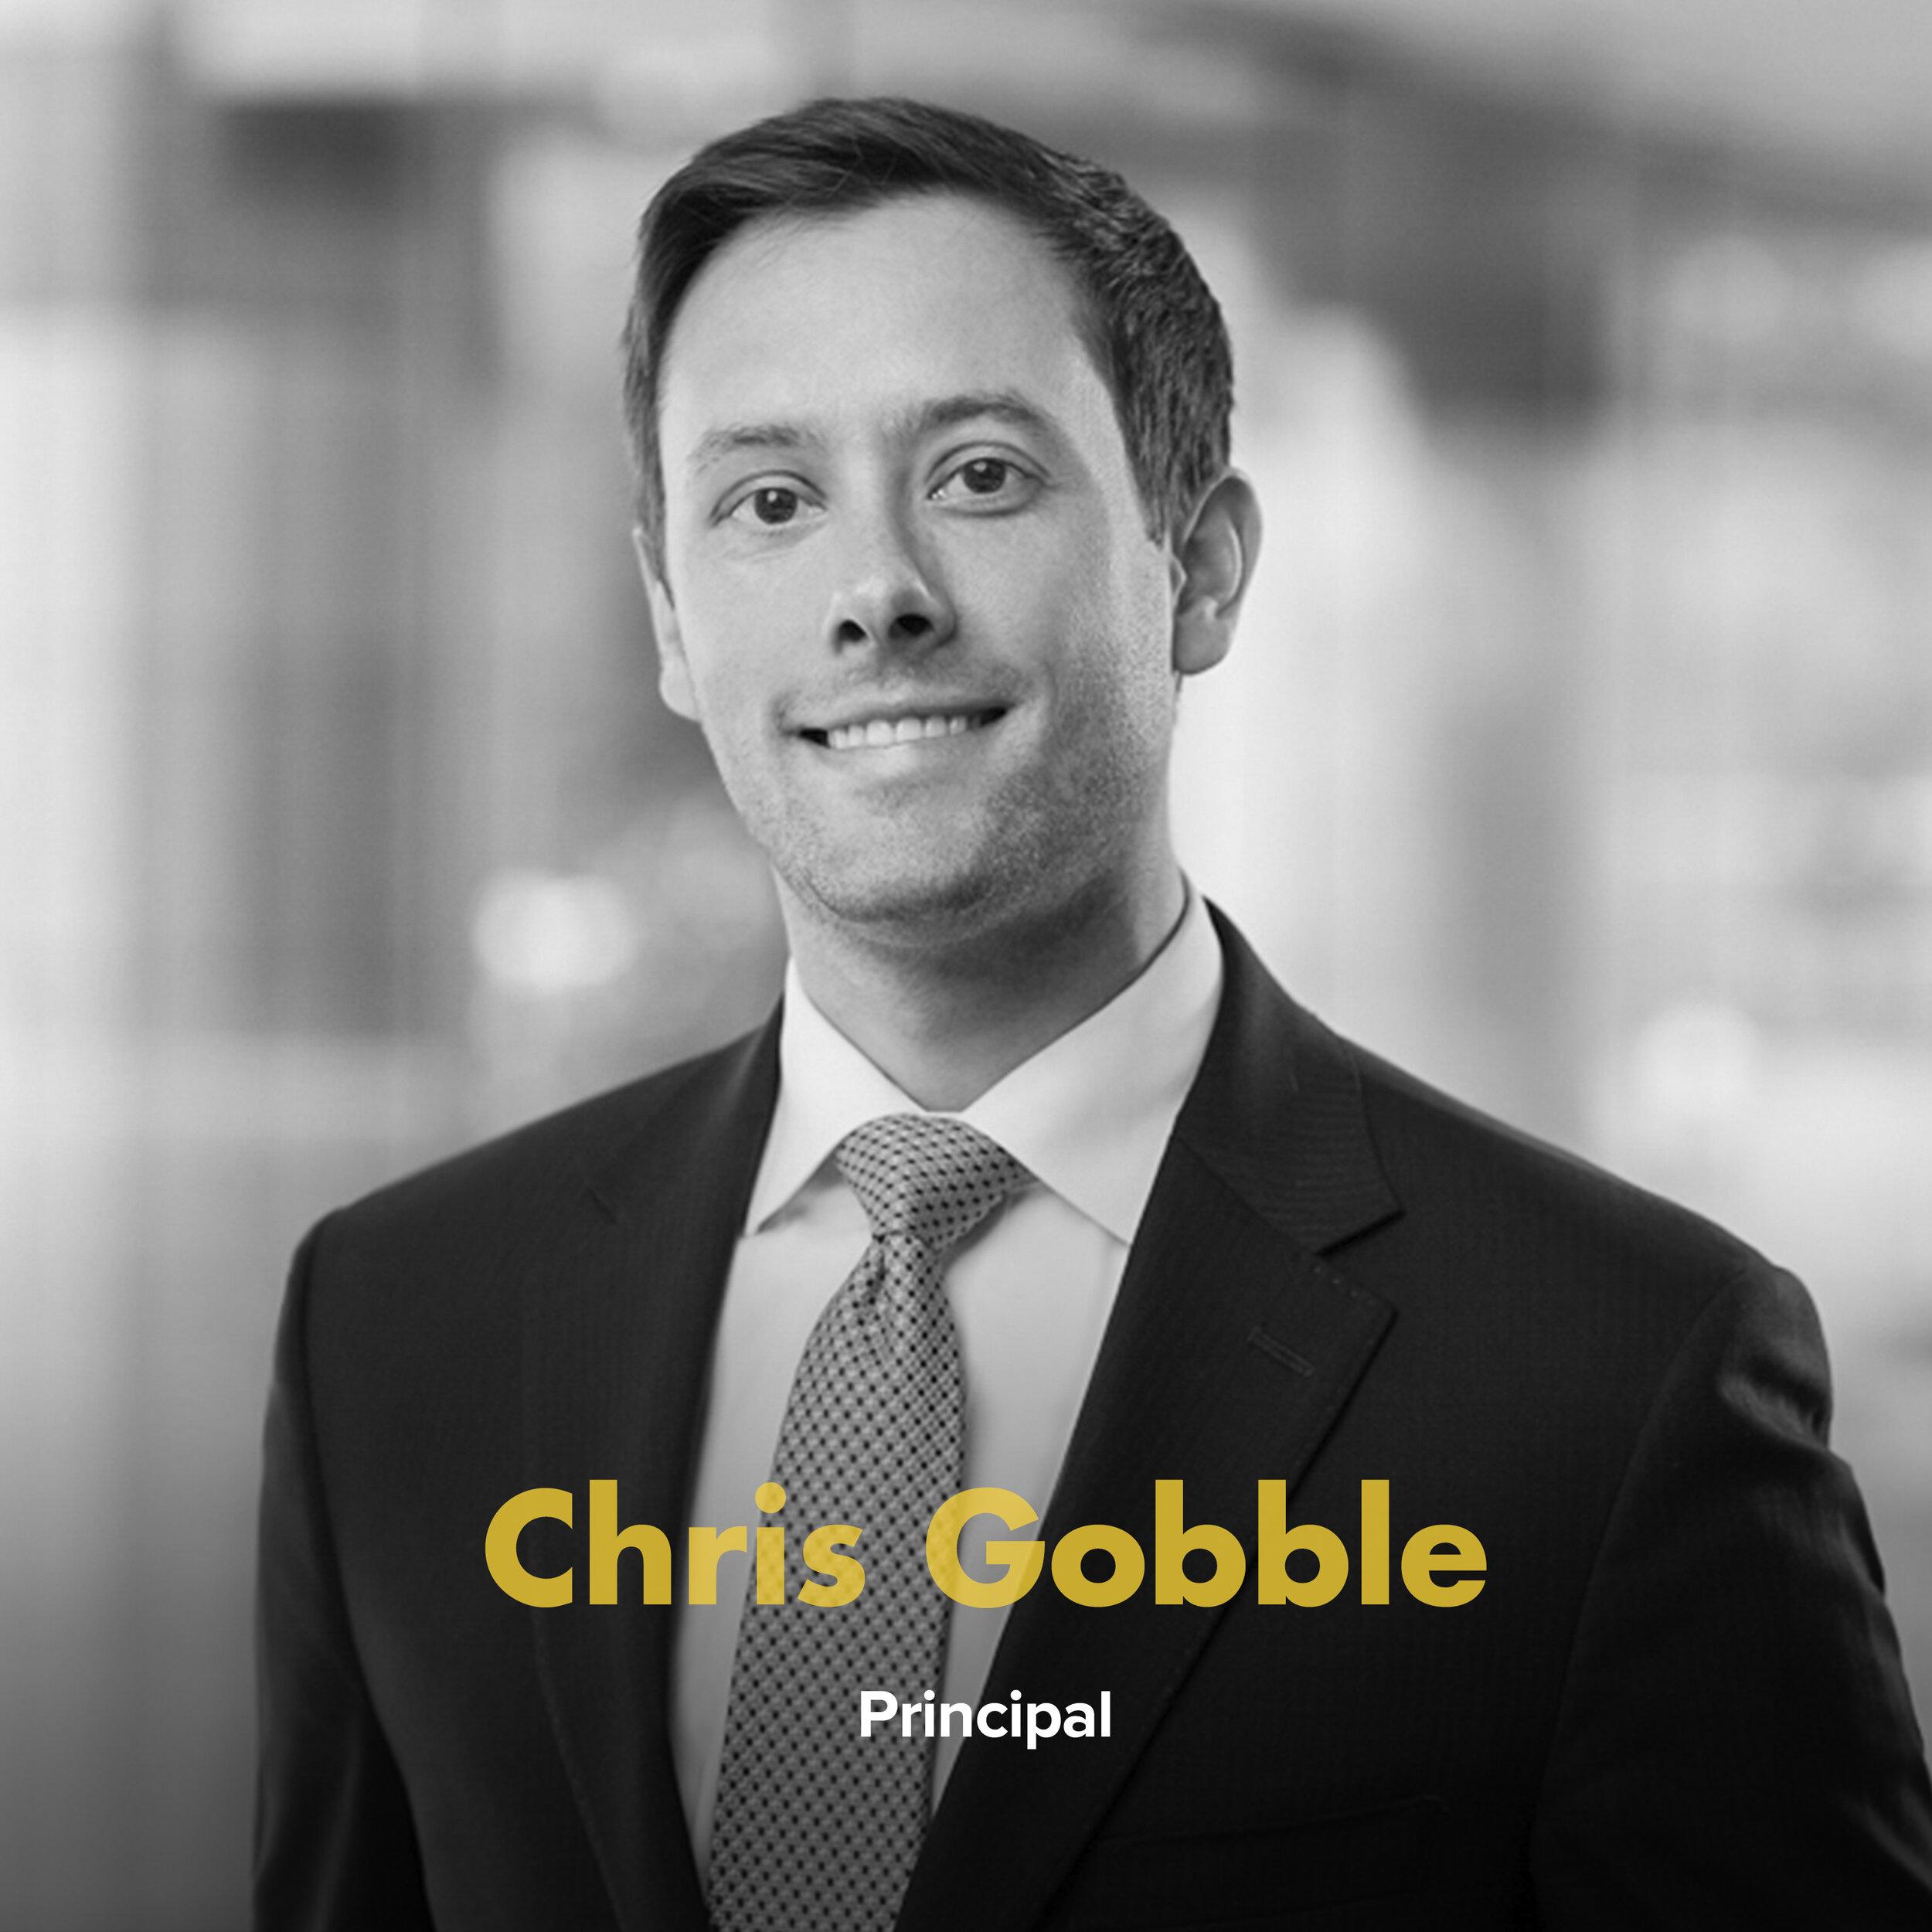 Chris Gobble